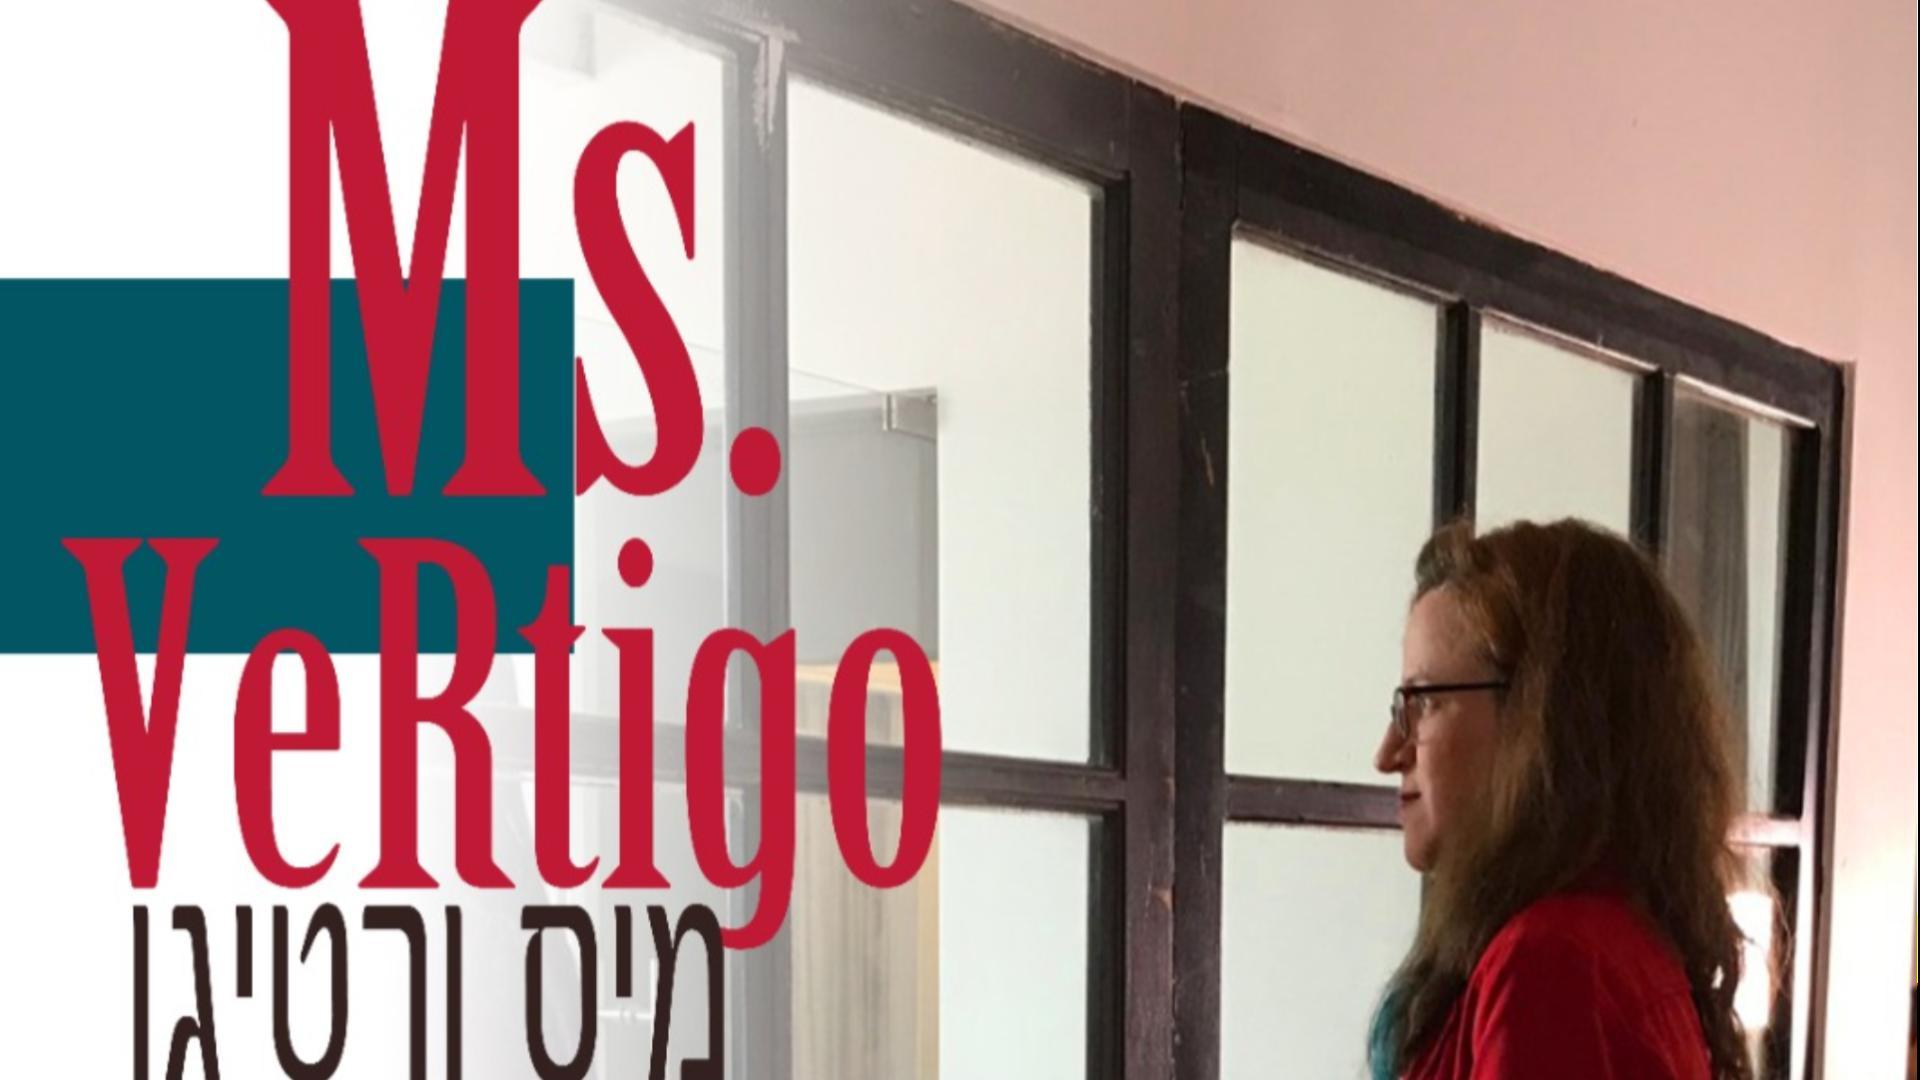 Ms VeRtigo